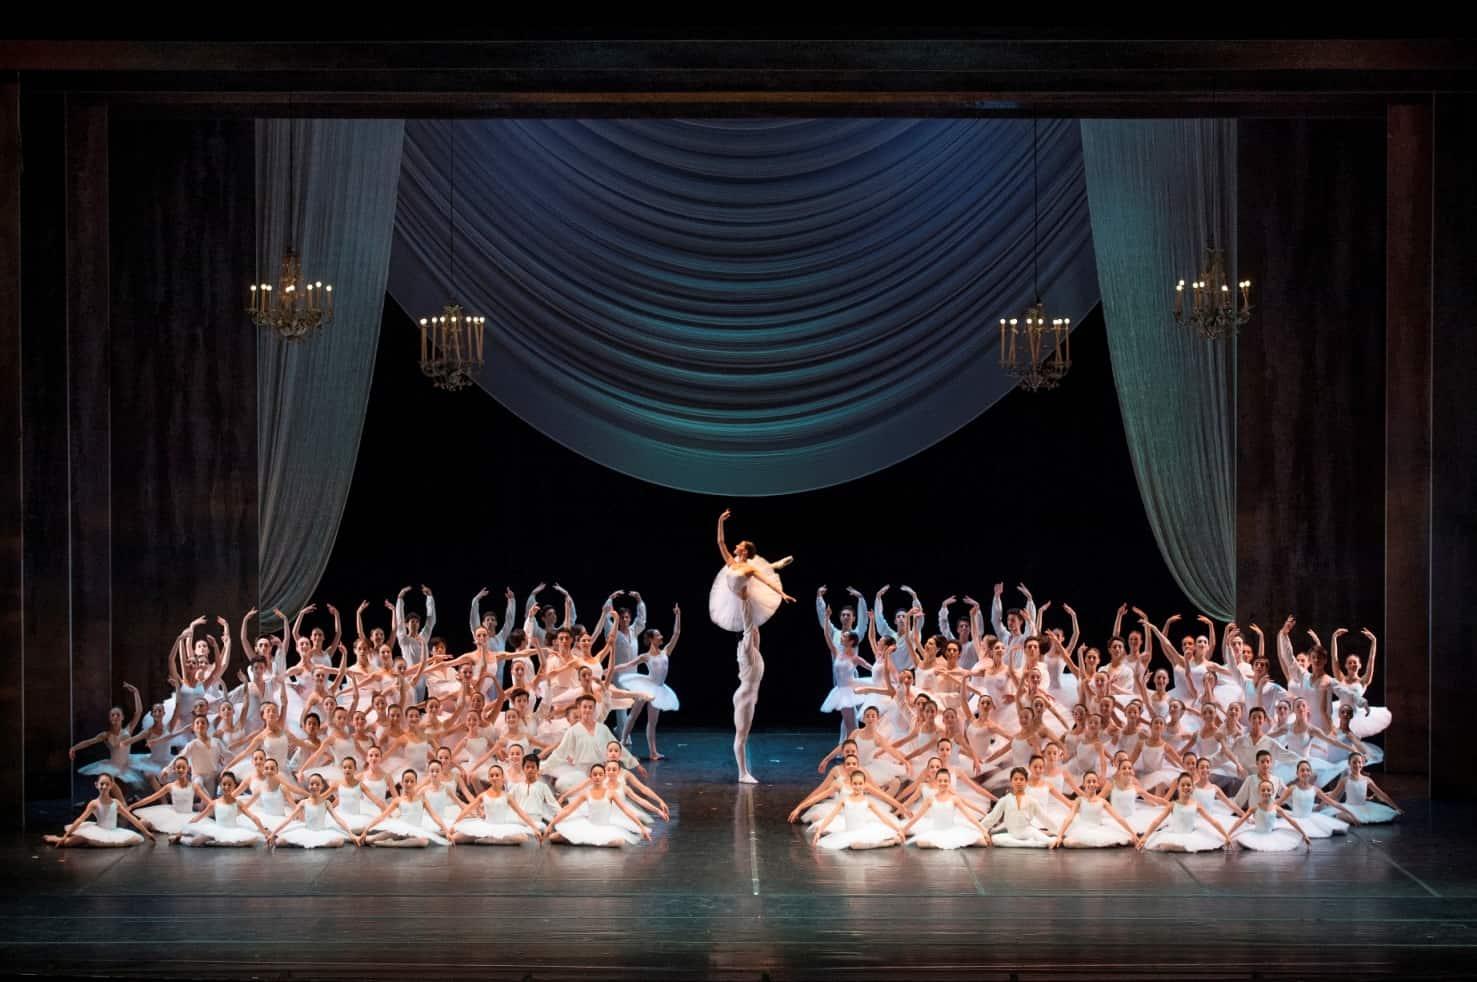 Teatro San Carlo, presentata la nuova Stagione 2018/2019